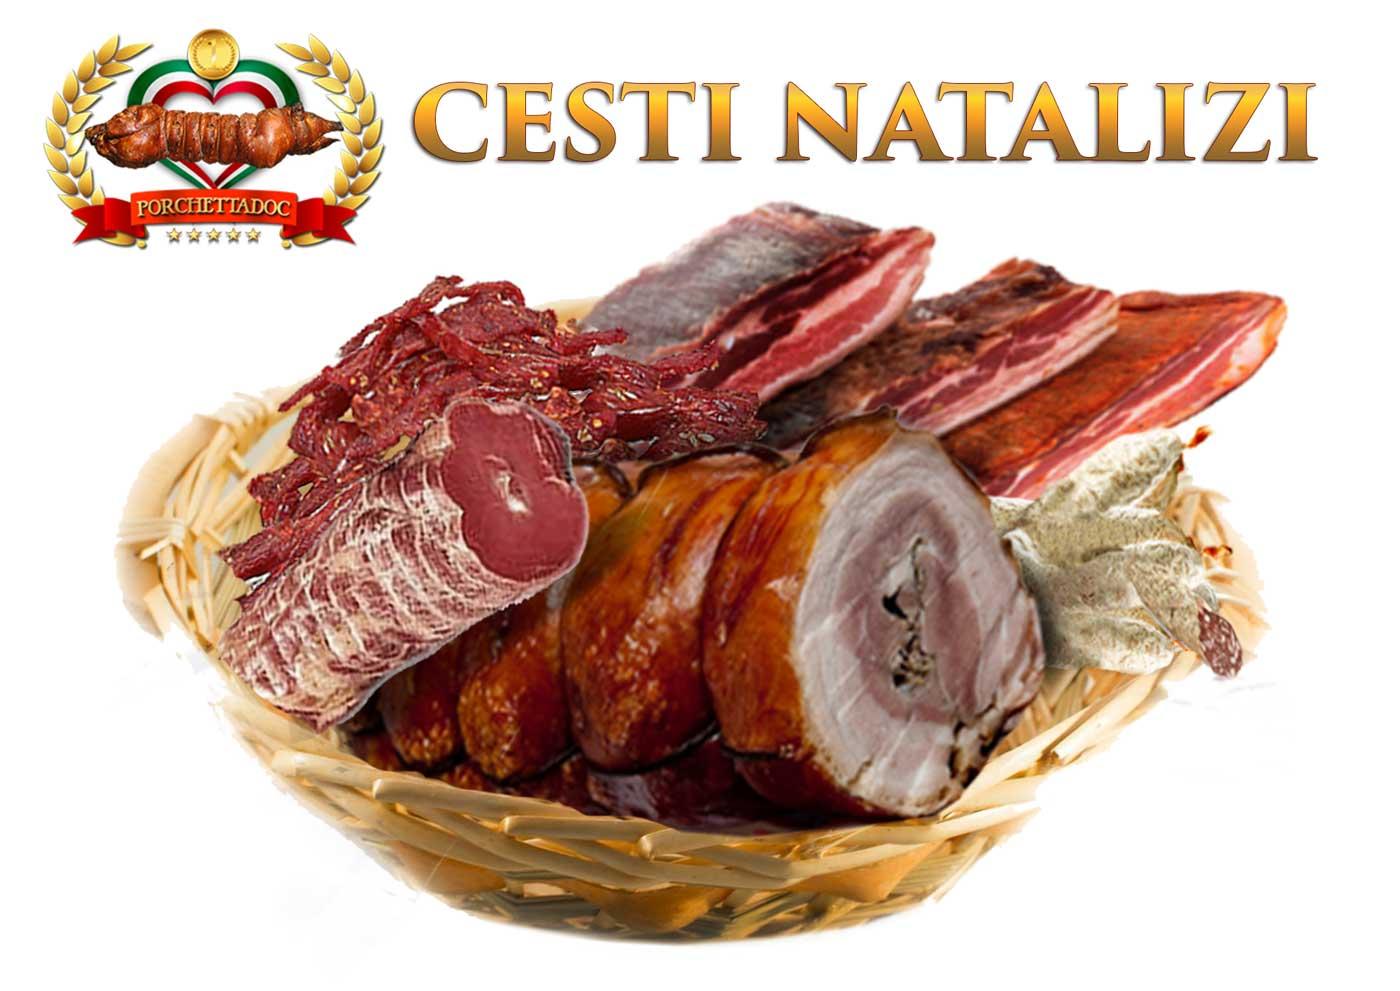 Cesto natalizio 2017 online. Cesto Natalizio Online, prodotti tipici, porchetta, coppiette, romanella.